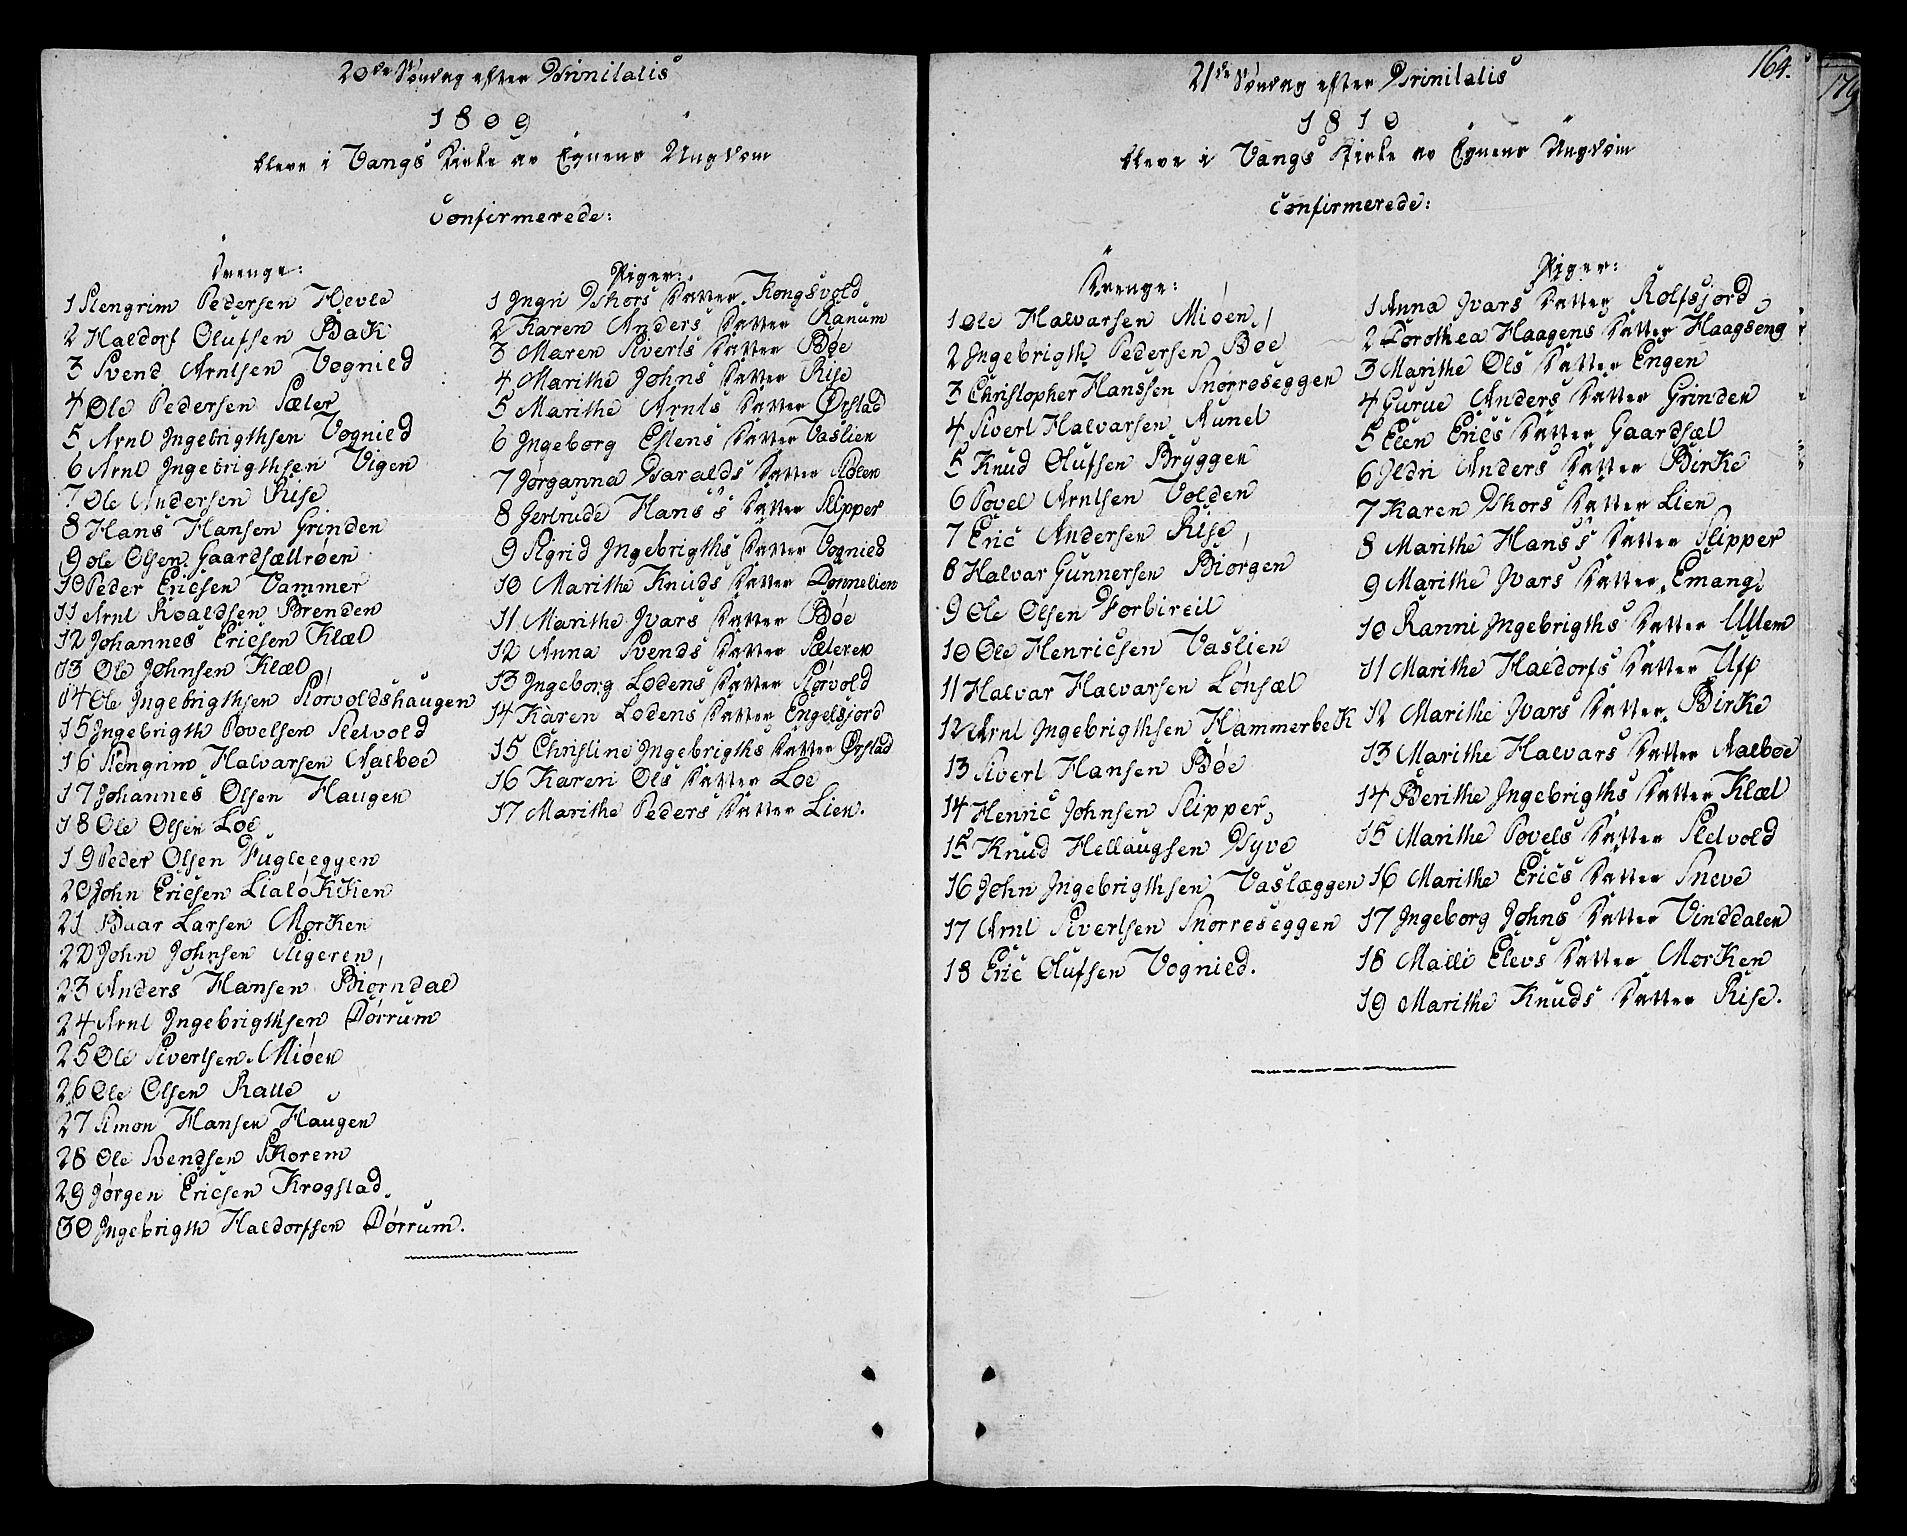 SAT, Ministerialprotokoller, klokkerbøker og fødselsregistre - Sør-Trøndelag, 678/L0894: Ministerialbok nr. 678A04, 1806-1815, s. 164